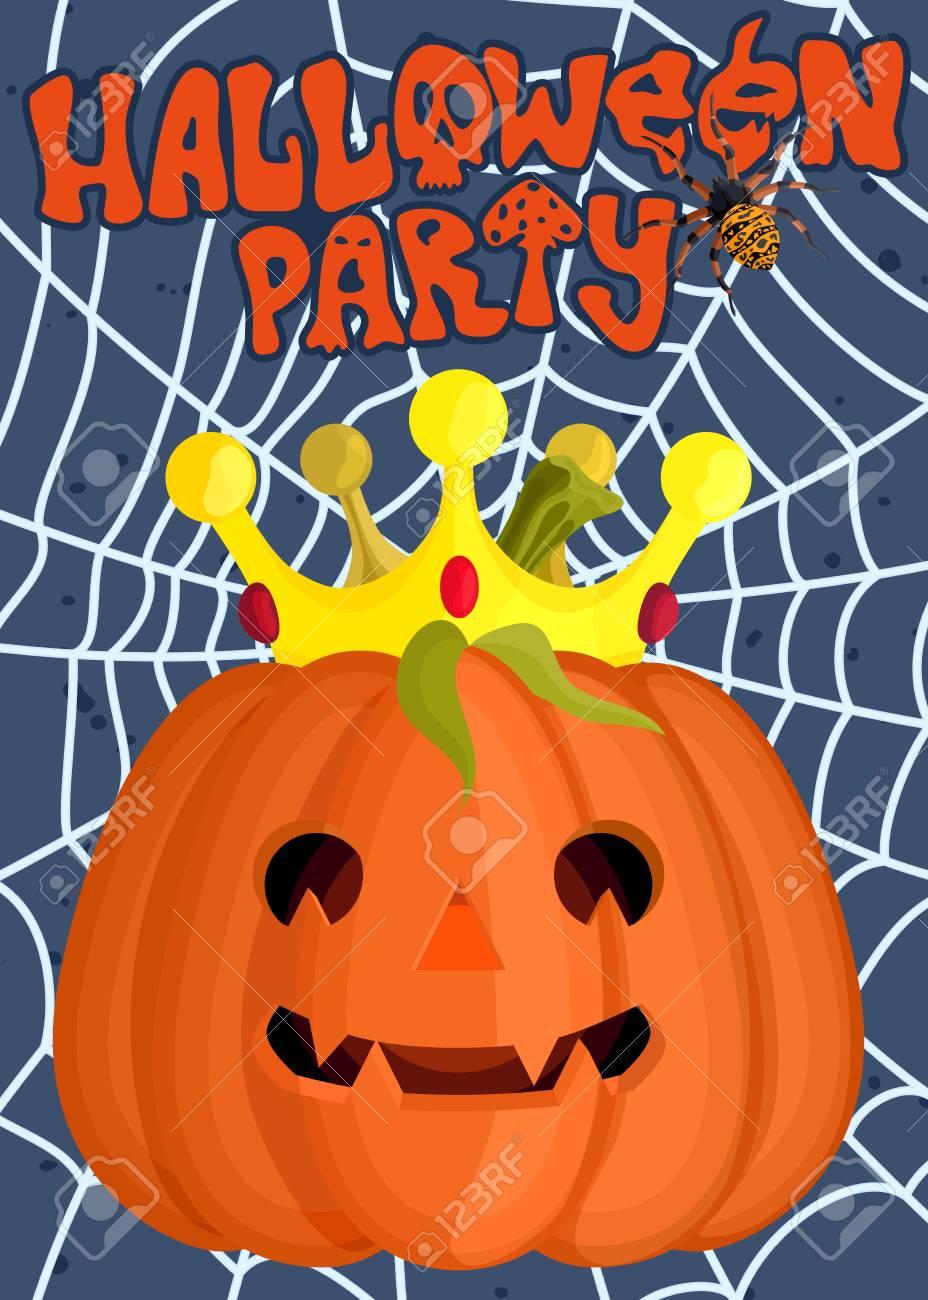 Affiche Publicitaire Daffiches Pour Halloween Vacances Drôle